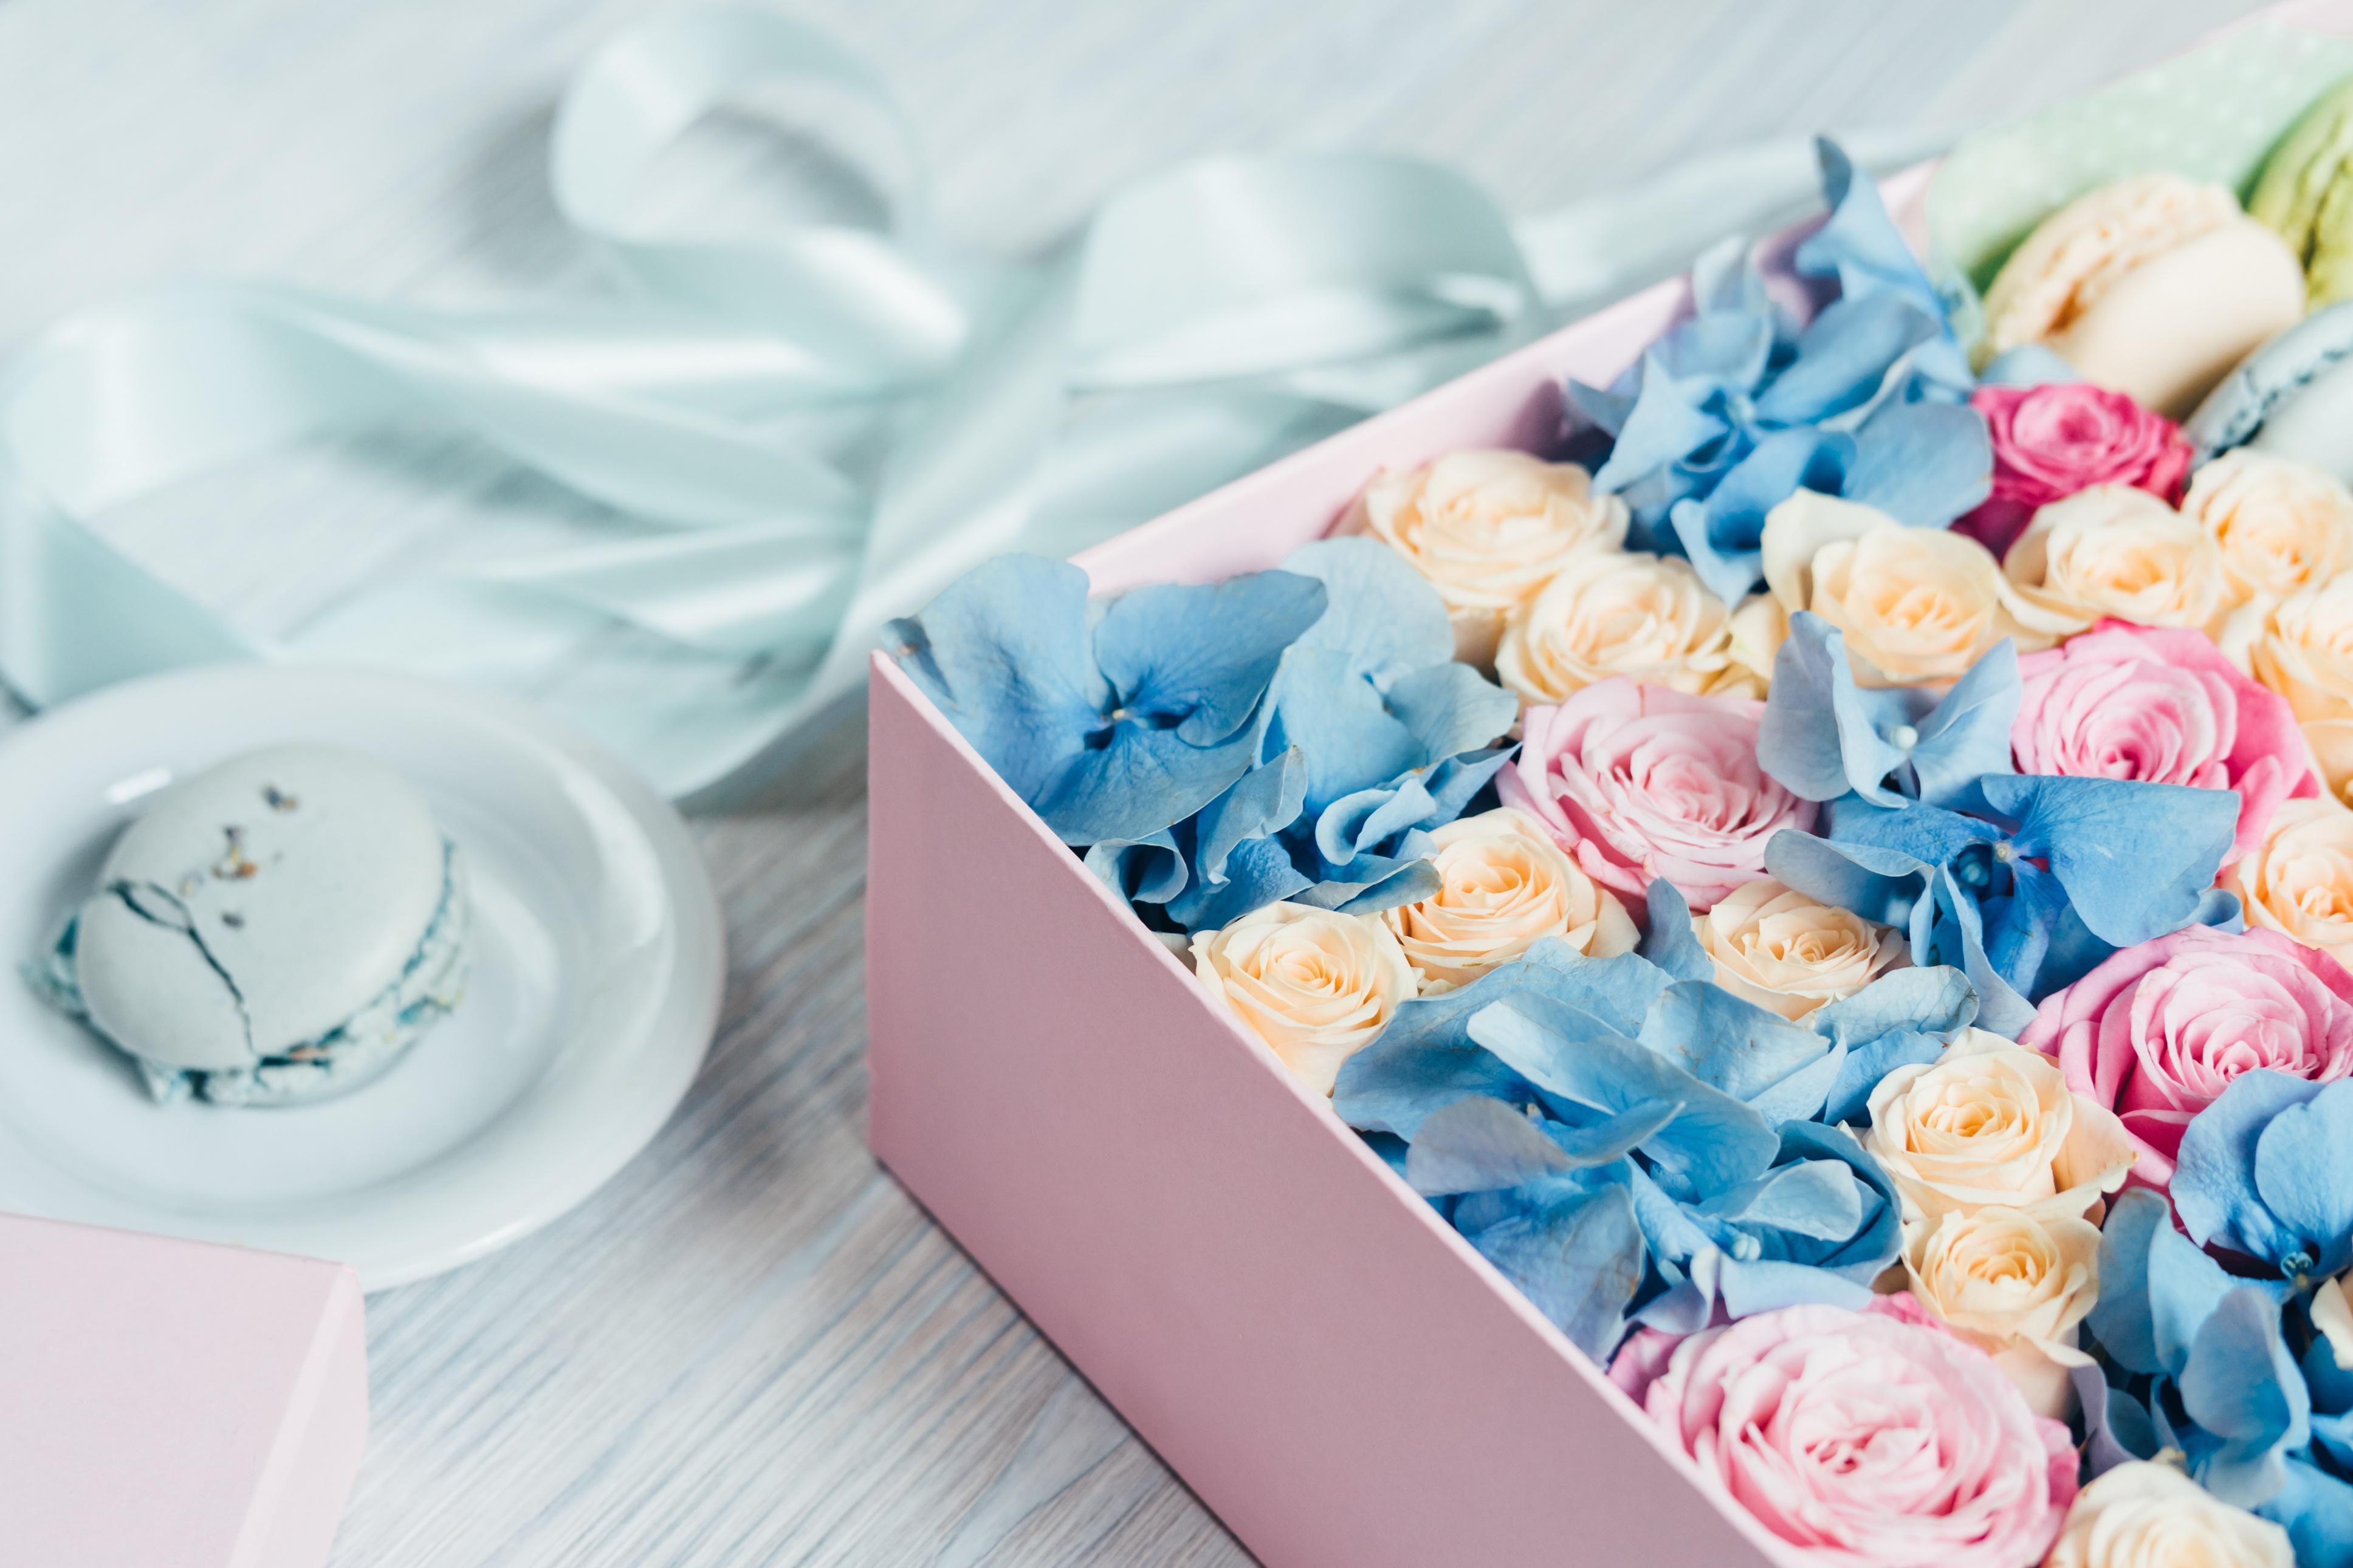 Картинки с коробочками и цветами, праздником